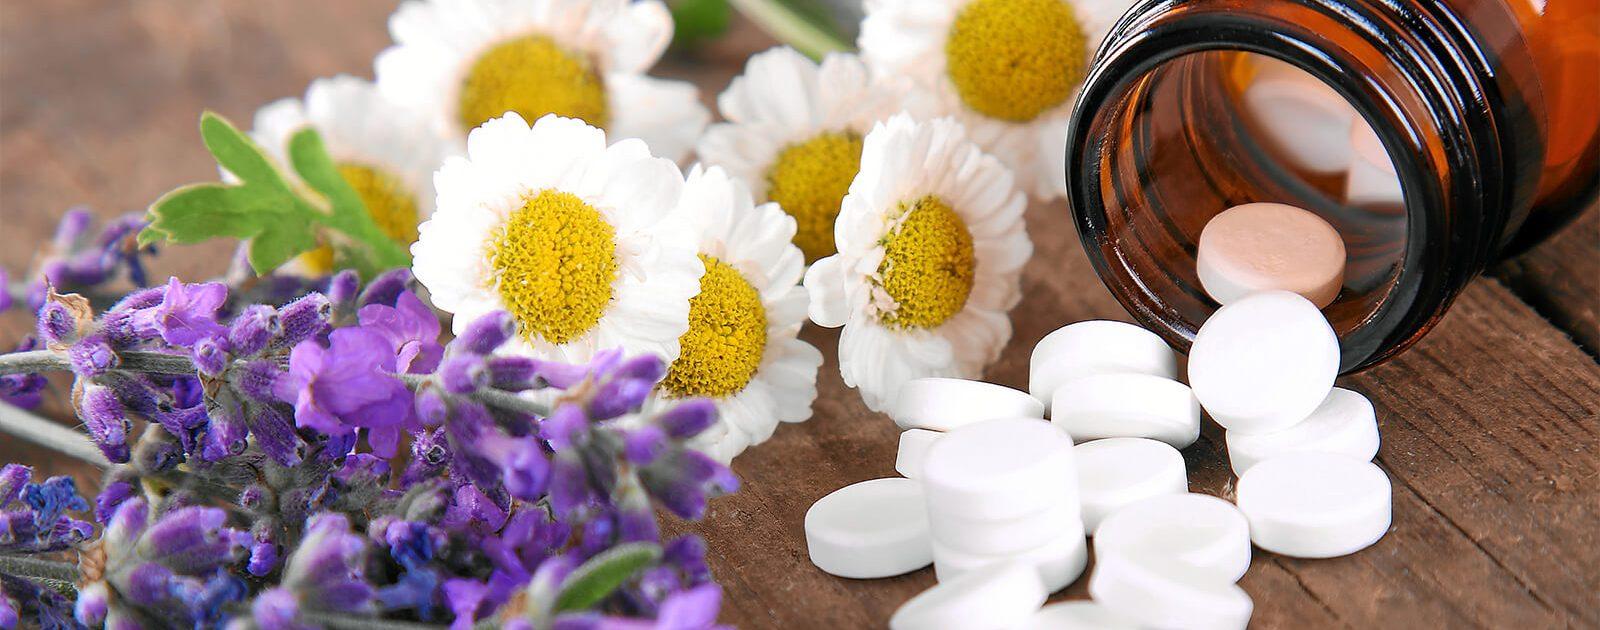 Bei Rückenschmerzen können alternative Heilmethoden wie Schüssler Salze helfen.